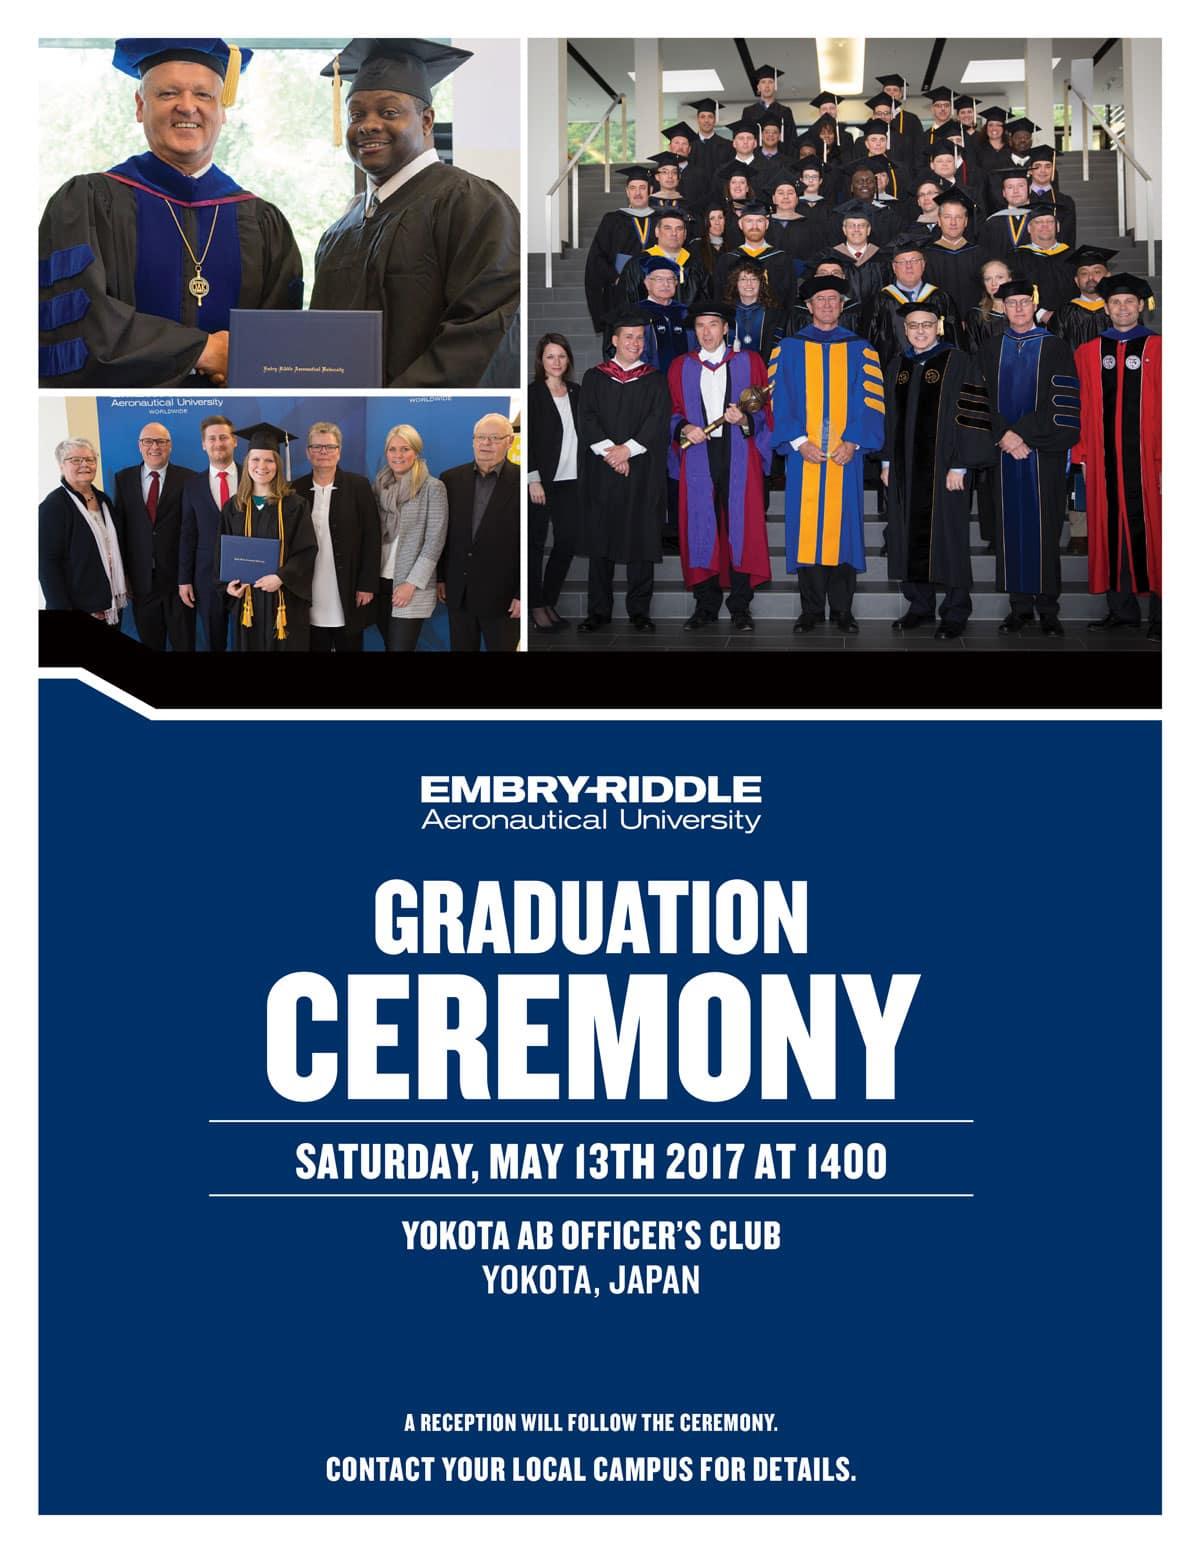 Pacom Embry-Riddle Spring 2017 Graduation